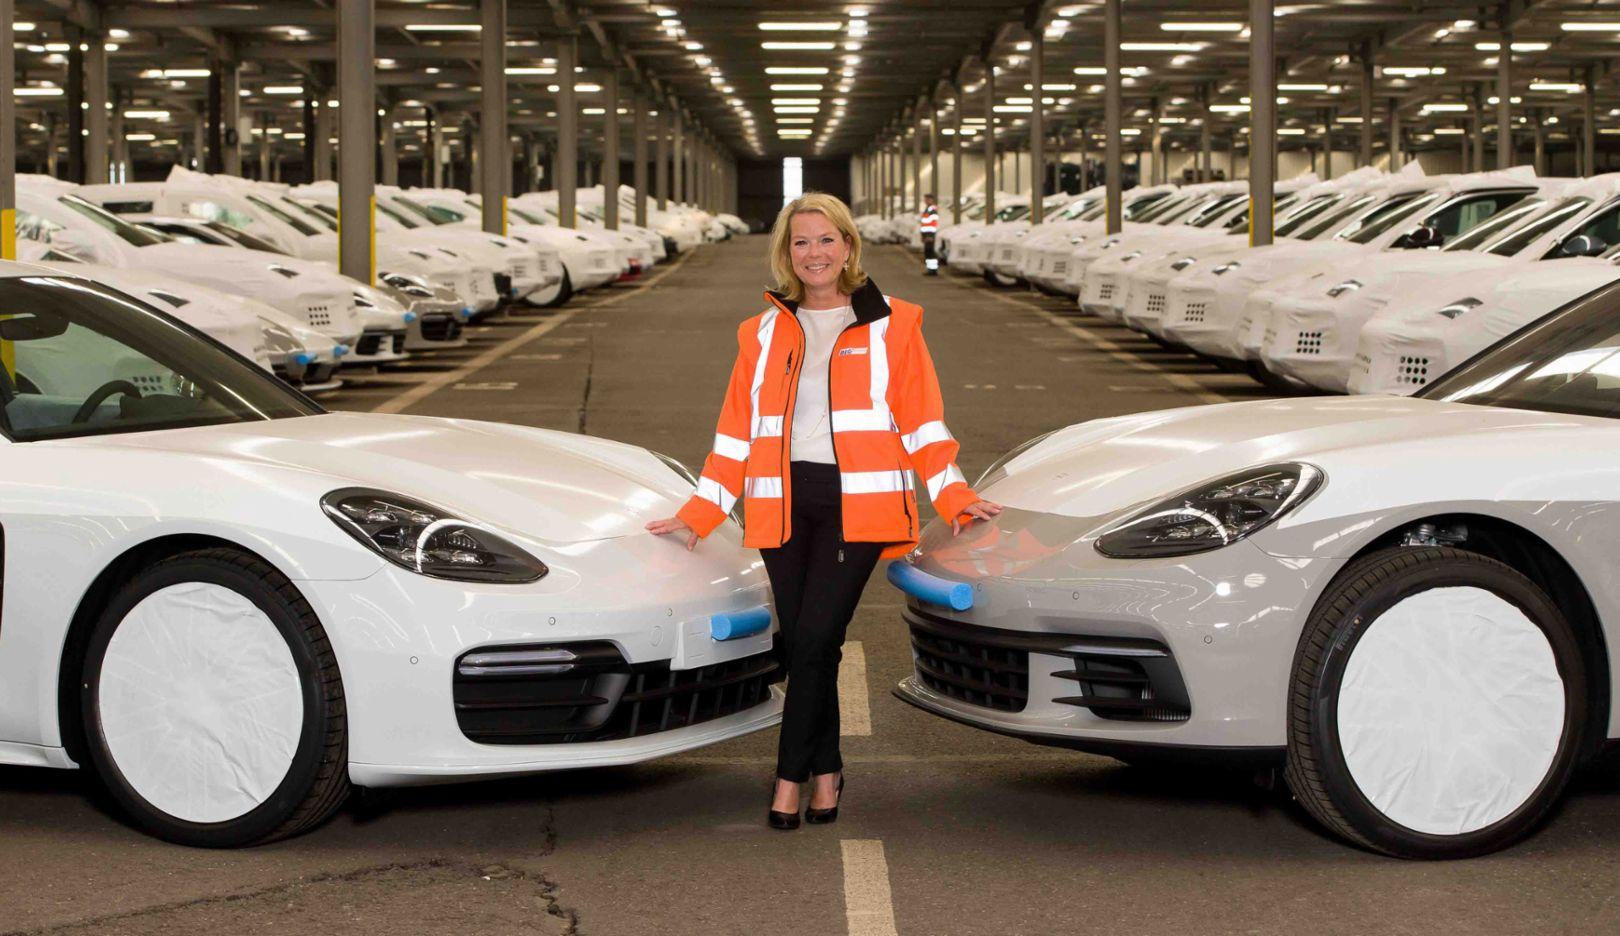 Andrea Eck, Bremerhaven, 2018, Porsche Consulting GmbH